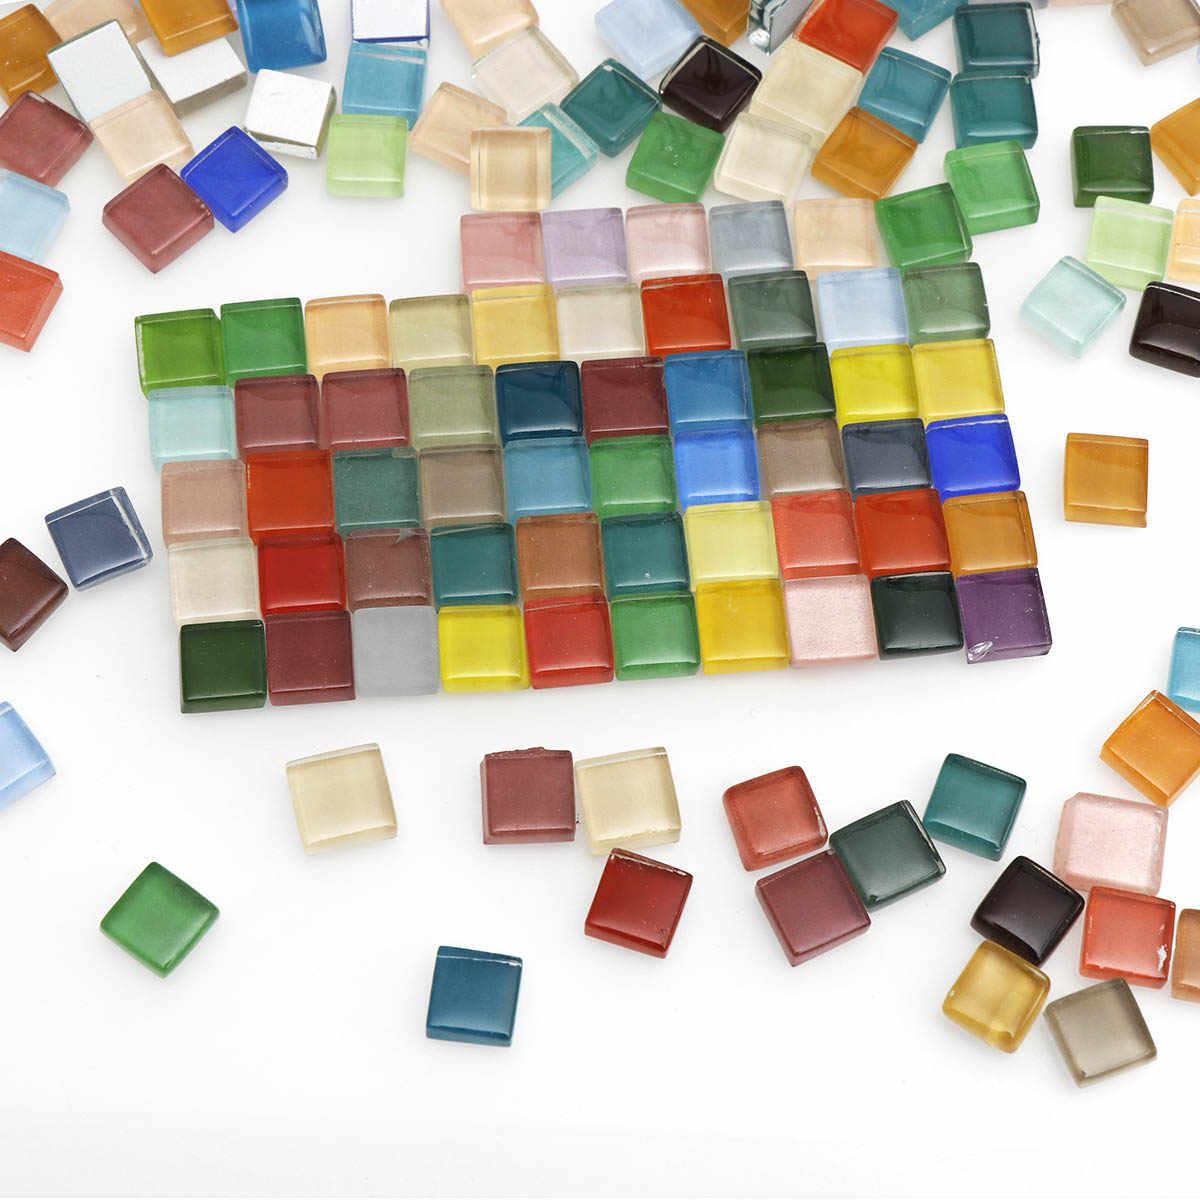 Azulejos de mosaico de cristal cuadrado transparente de varios colores 50g 100g para hacer mosaicos DIY, juegos de herramientas de artesanía de rompecabezas para bebés, piedra transparente